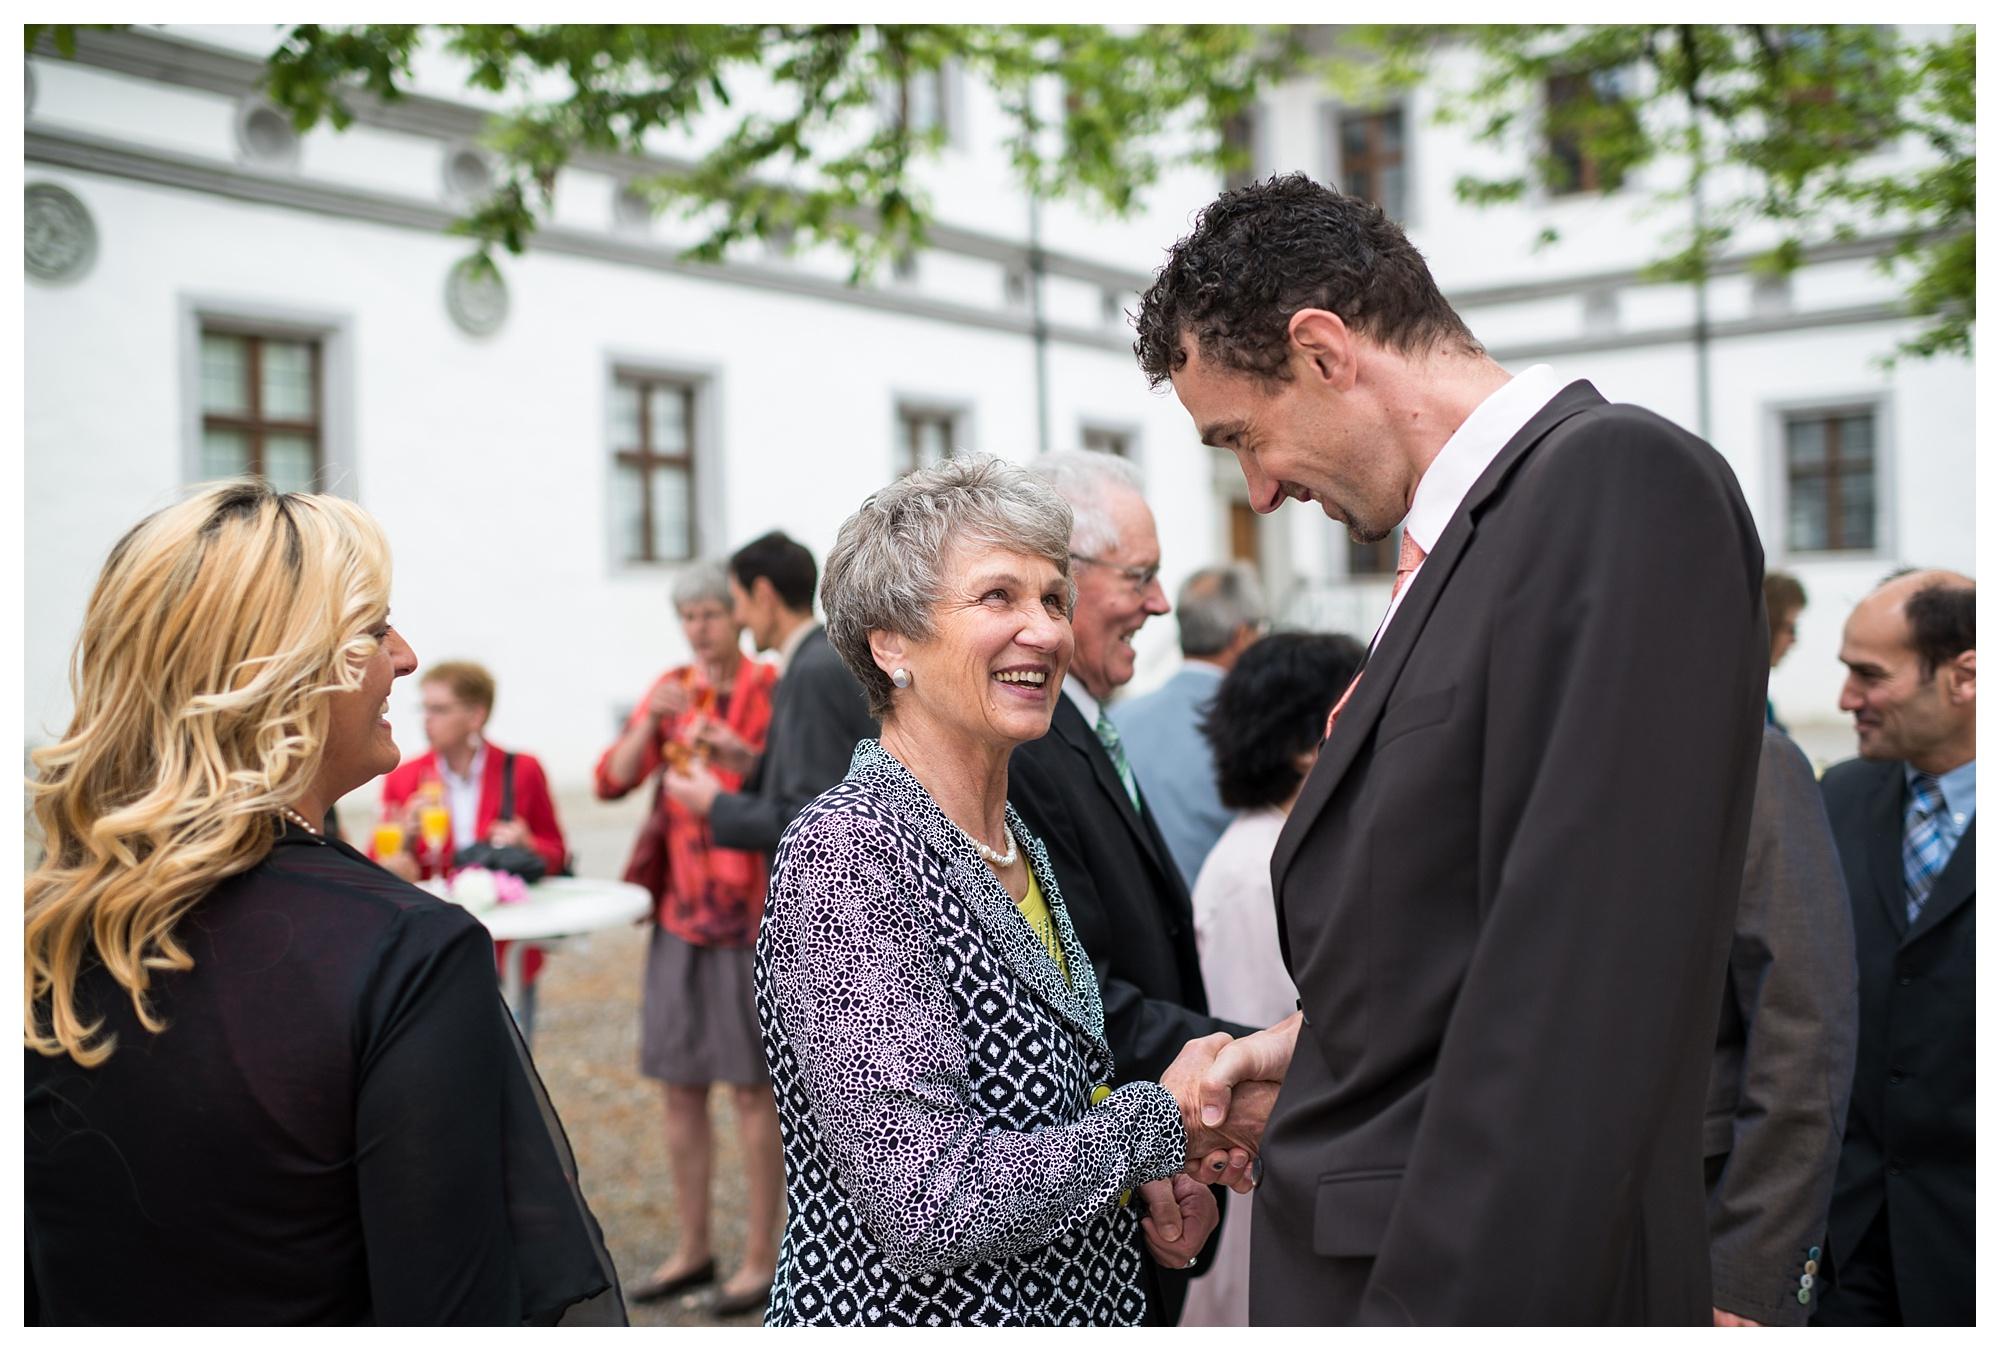 Fotograf Konstanz - Hochzeit Tanja Elmar Elmar Feuerbacher Photography Konstanz Messkirch Highlights 045 - Hochzeitsreportage von Tanja und Elmar im Schloss Meßkirch  - 44 -